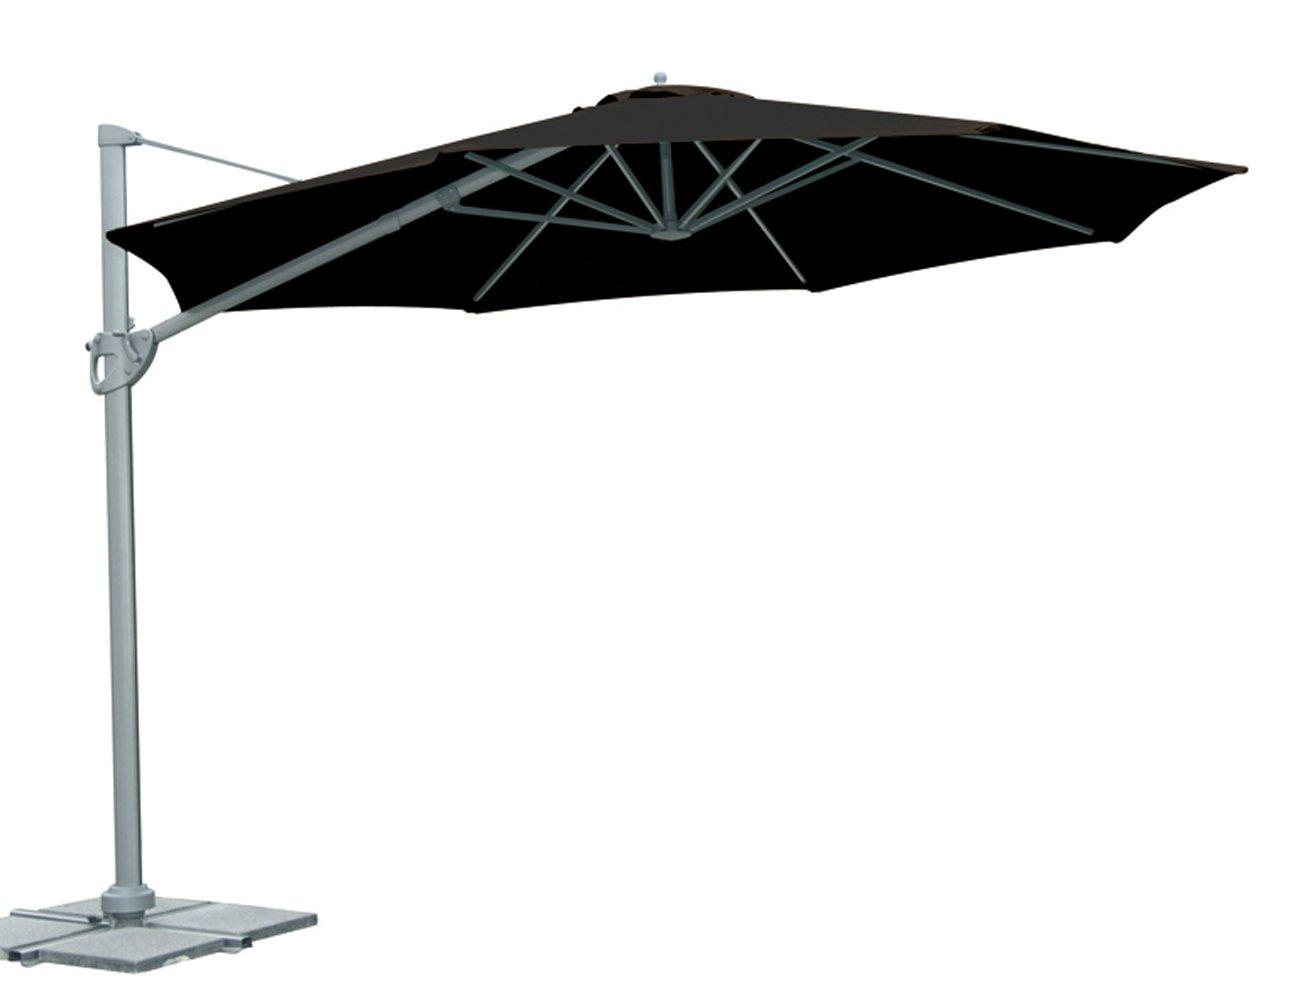 siena garden 839209 ampelschirm montego bezug schwarz gestell graphit 350 cm g nstig kaufen. Black Bedroom Furniture Sets. Home Design Ideas